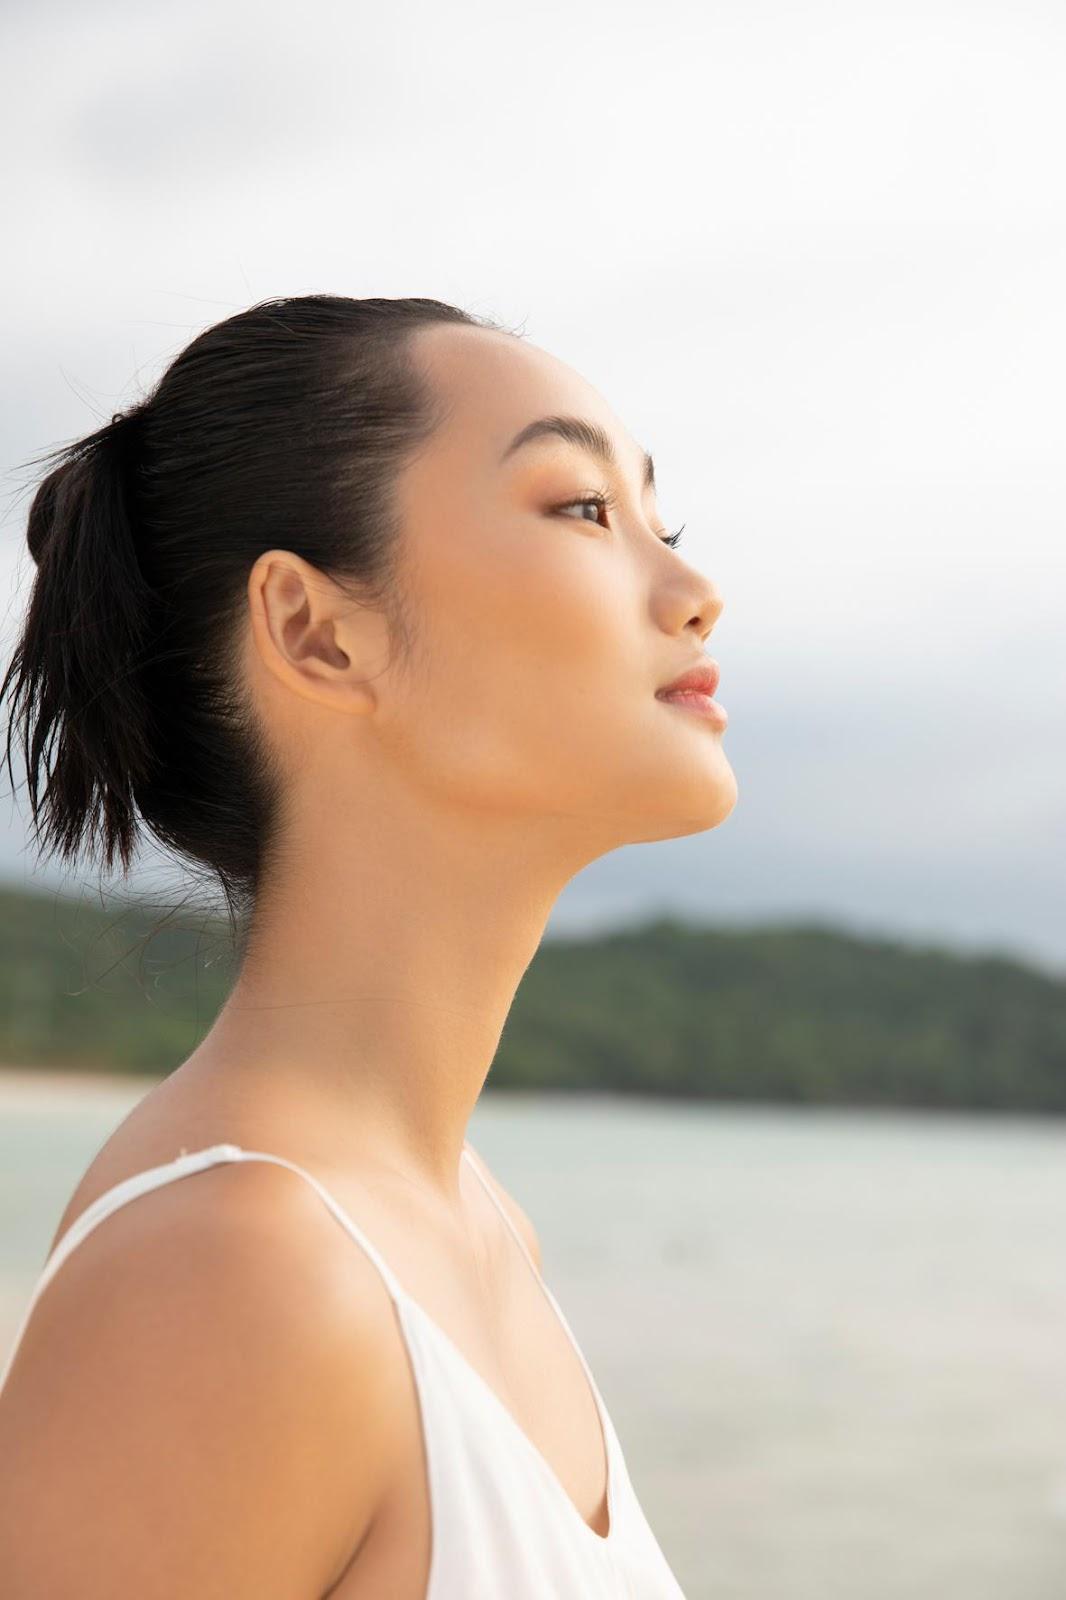 3 lầm tưởng về ánh nắng mặt trời đối với sức khỏe và làn da